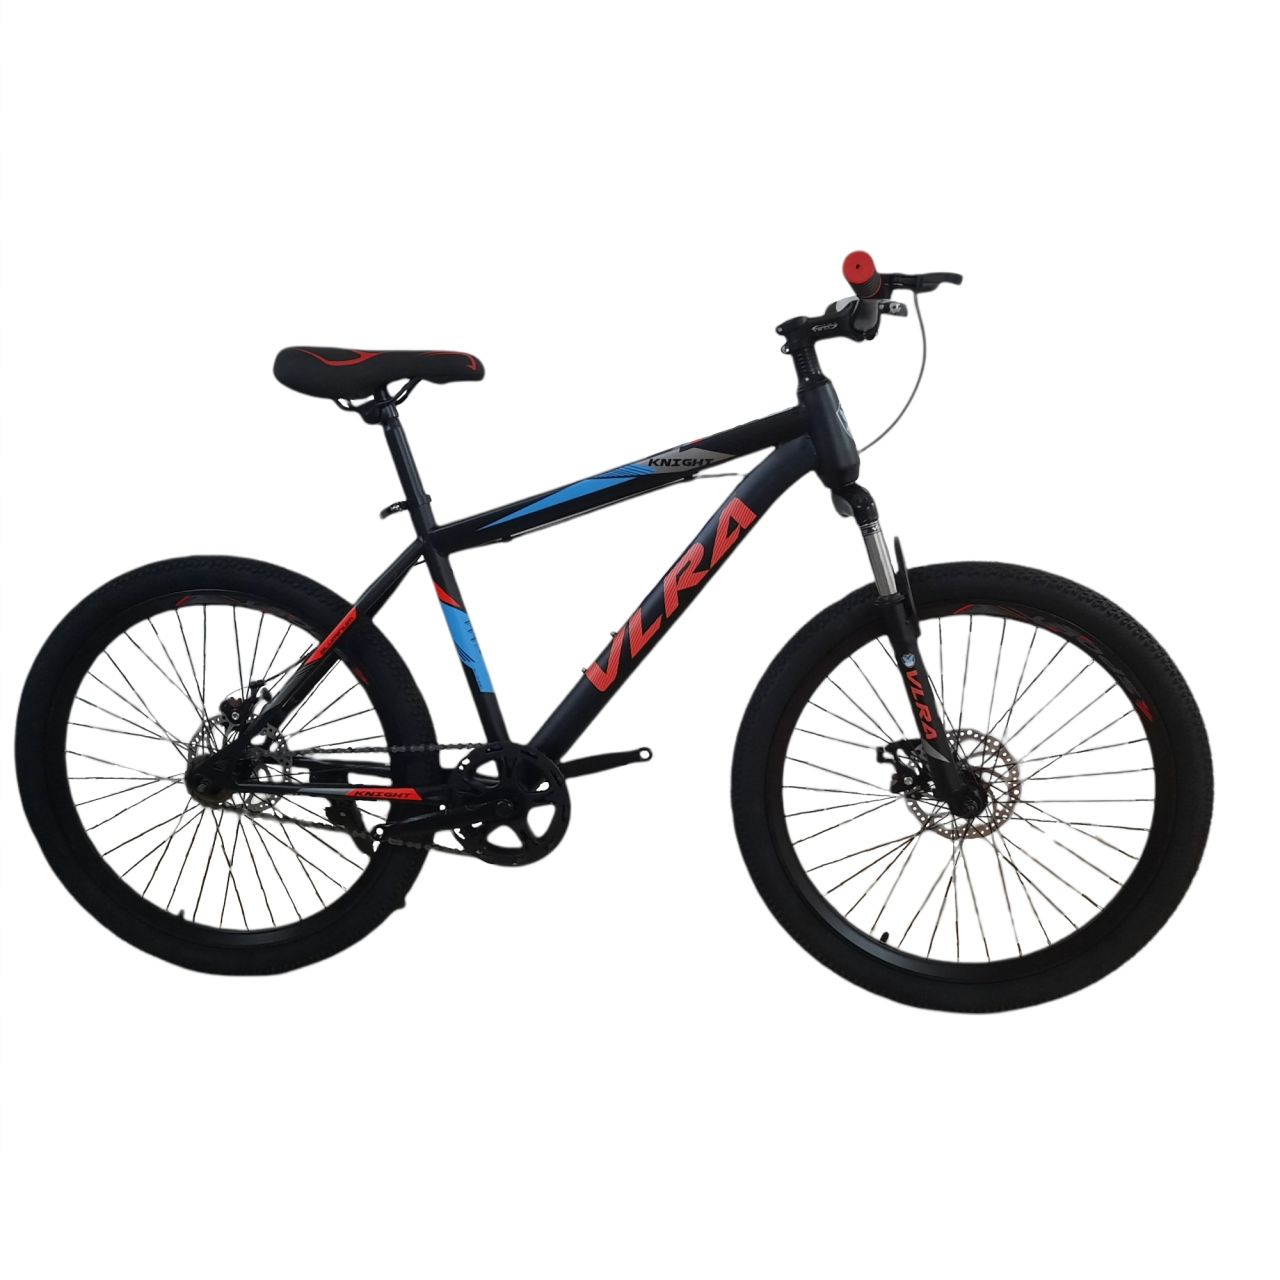 دوچرخه کوهستان مدل ولرا سایز 24